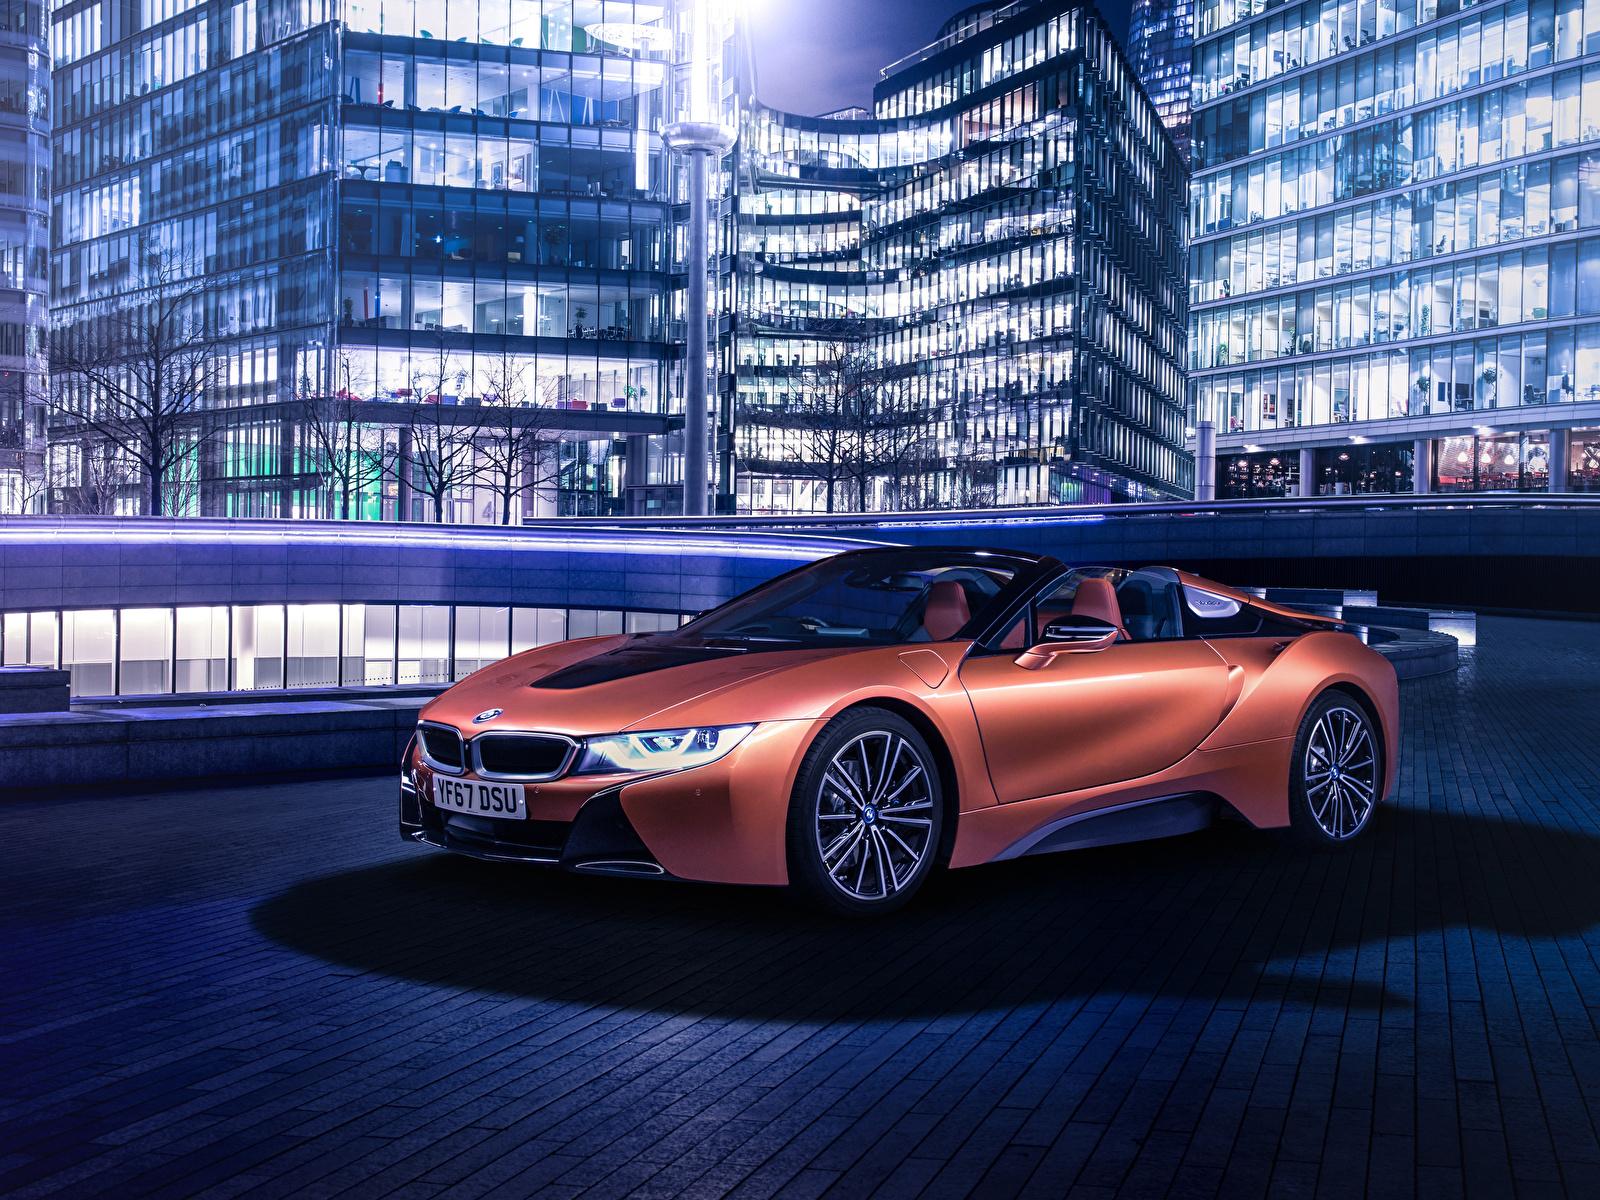 Обои для рабочего стола BMW 2018 i8 Roadster Родстер оранжевые автомобиль 1600x1200 БМВ оранжевых Оранжевый оранжевая авто машина машины Автомобили